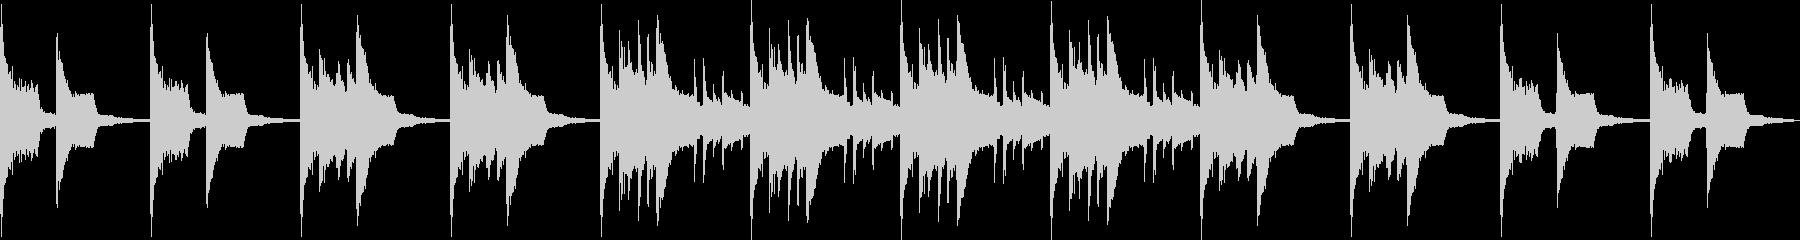 ピコピコした感動的なBGM/ファミコンの未再生の波形